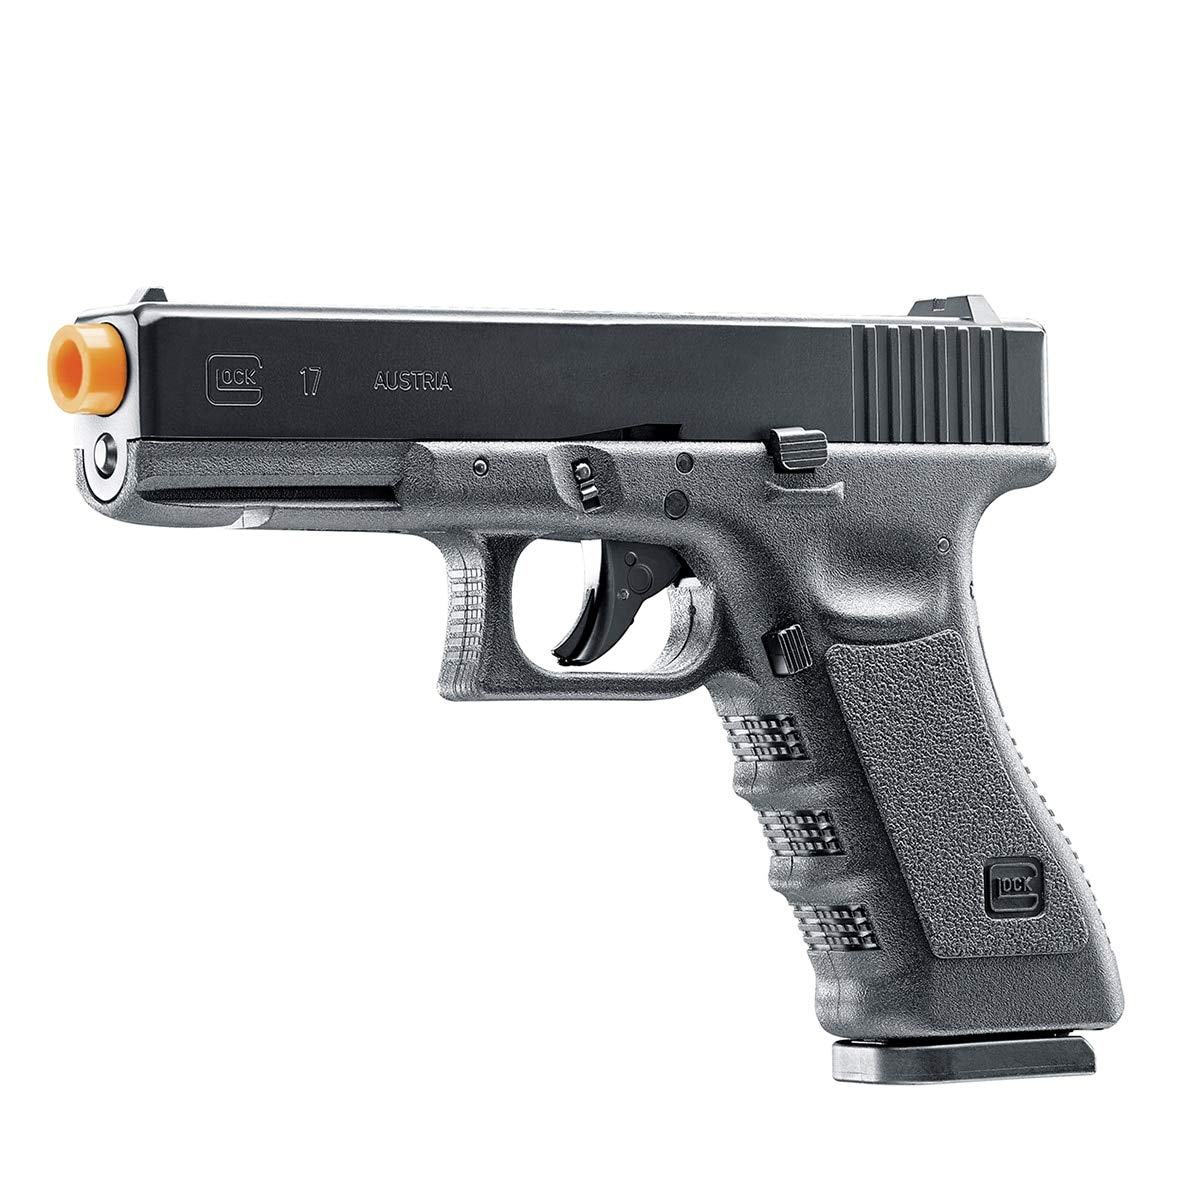 Umarex USA Glock 17 Gen 3 6mm Airsoft